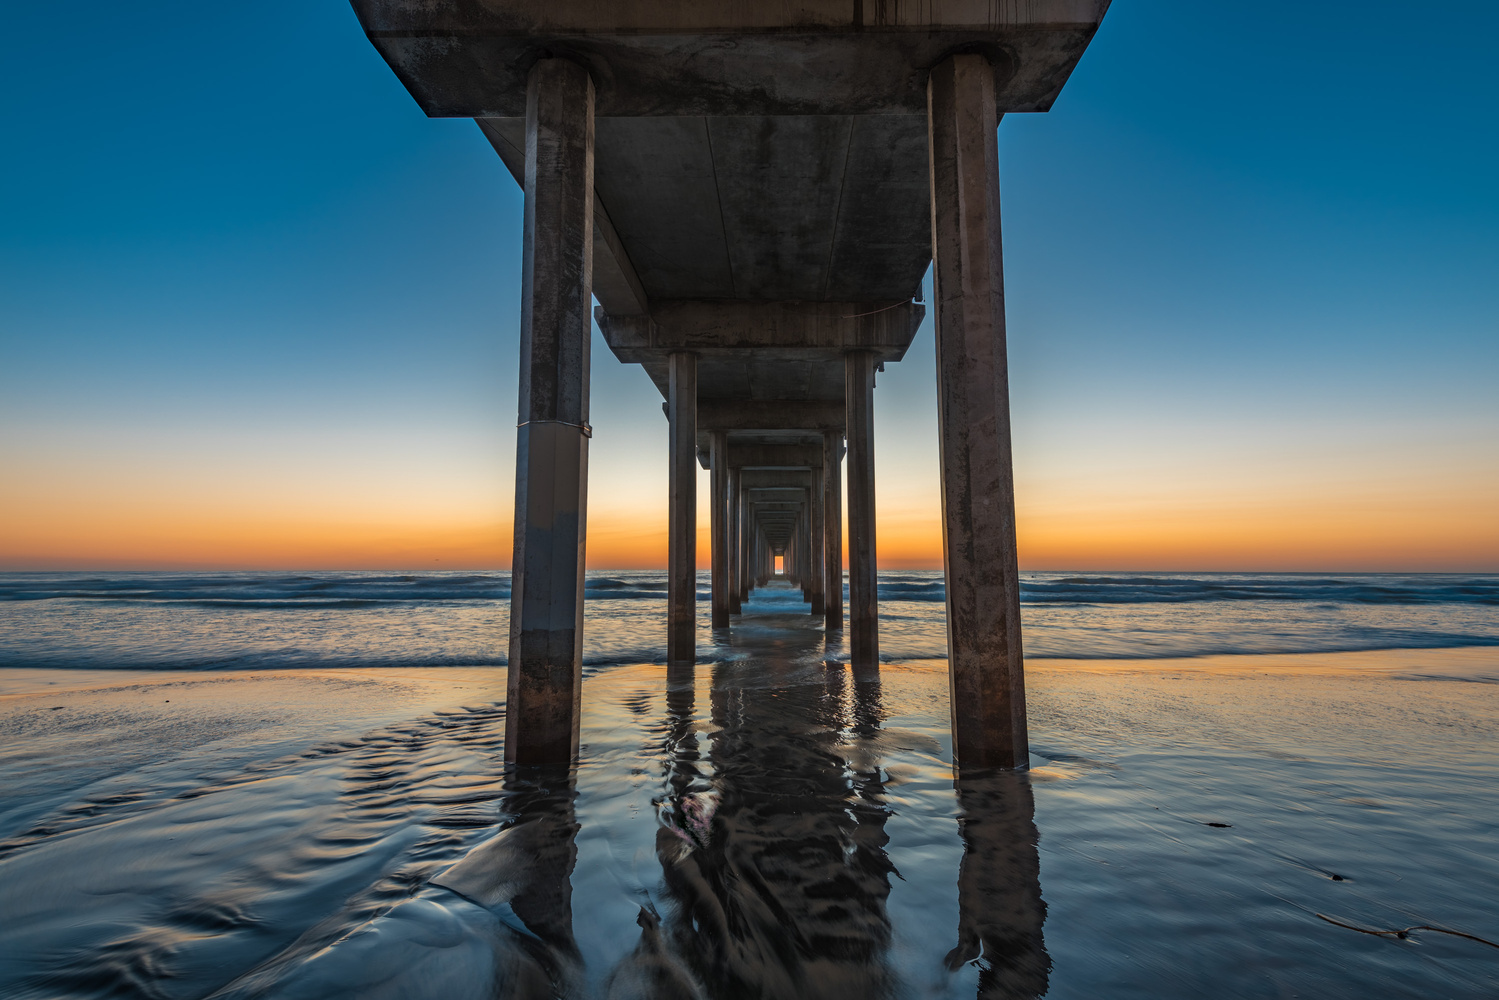 Under the Pier by Alex Coleman